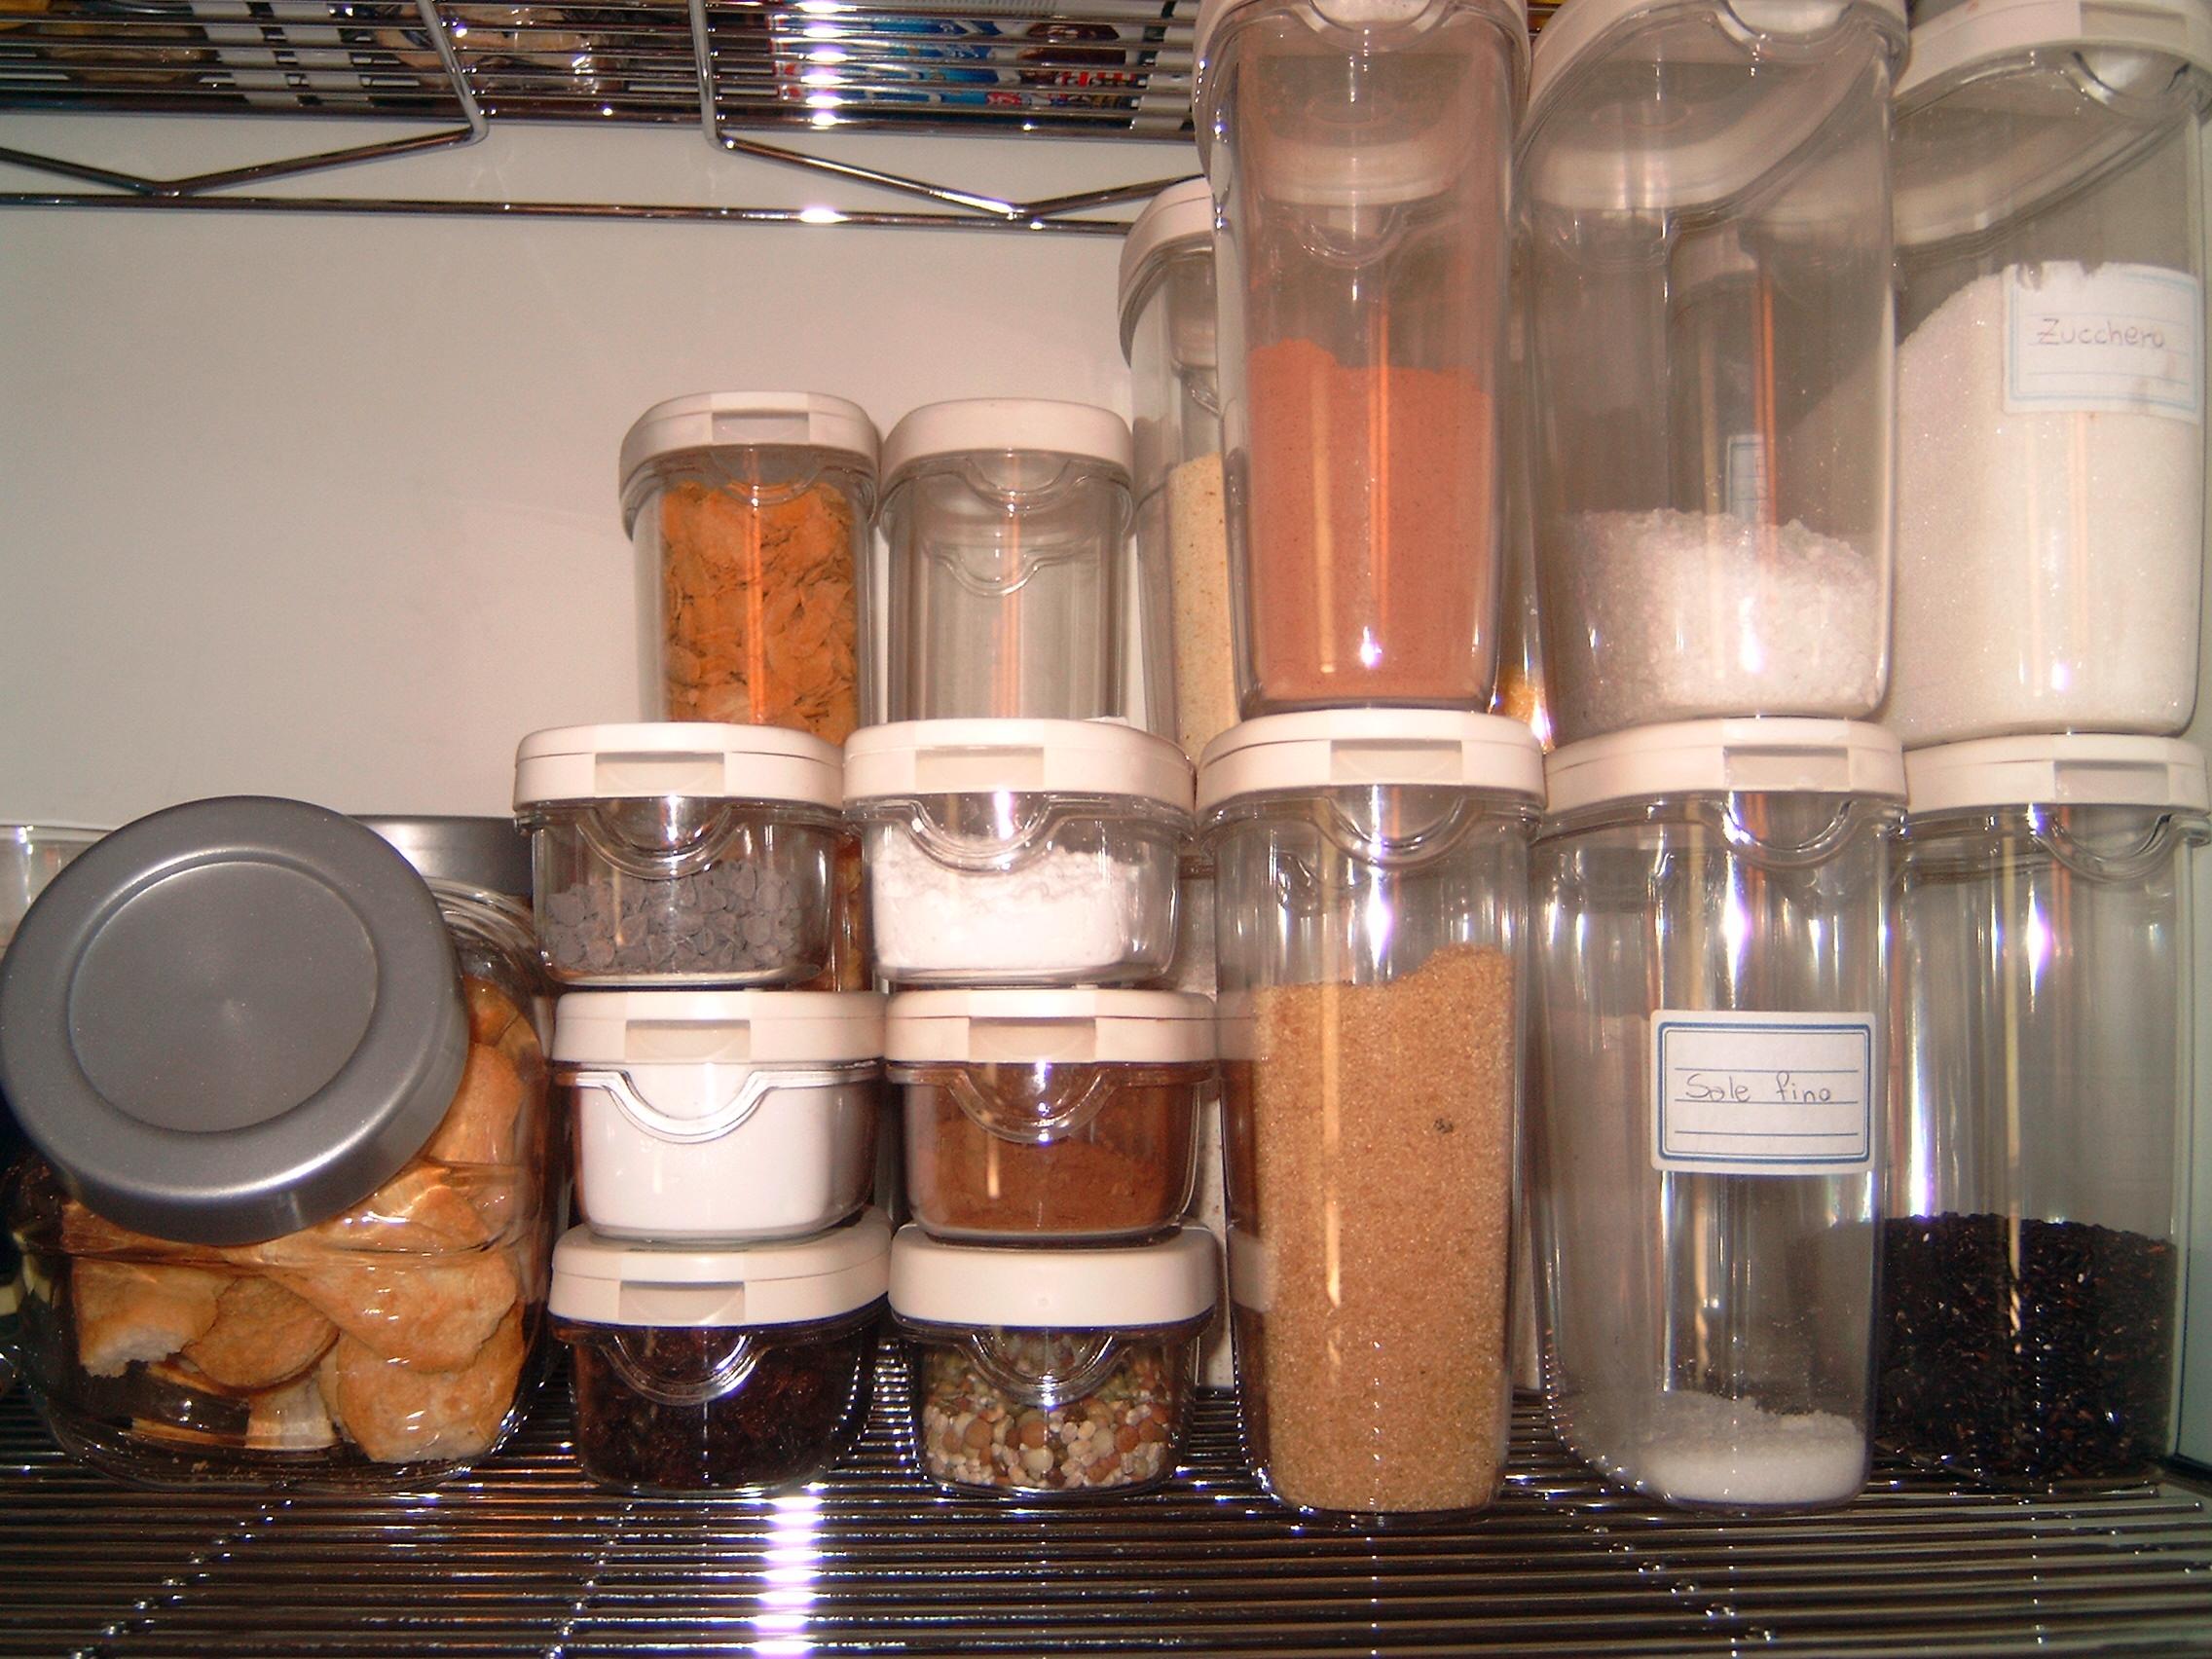 Idee Cucina In Ordine : Come fare per tenere in ordine la dispensa della cucina